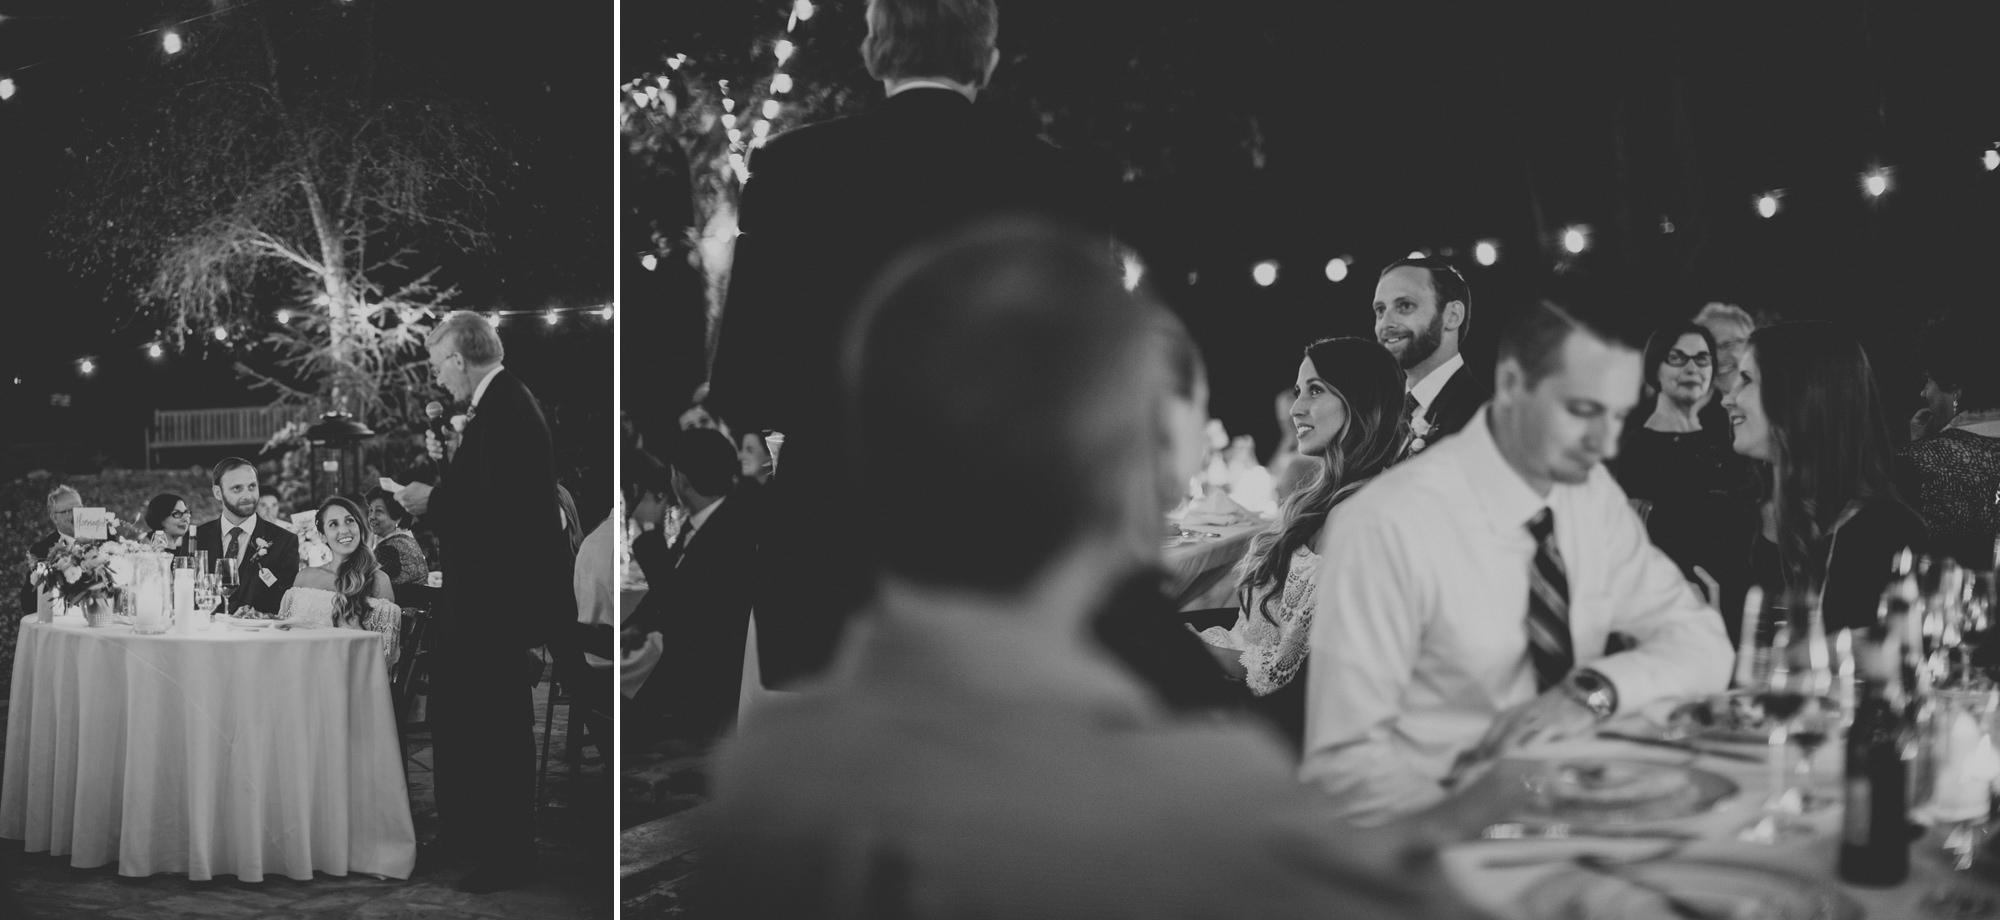 Sequoia Retreat Center Wedding@Anne-Claire Brun 210